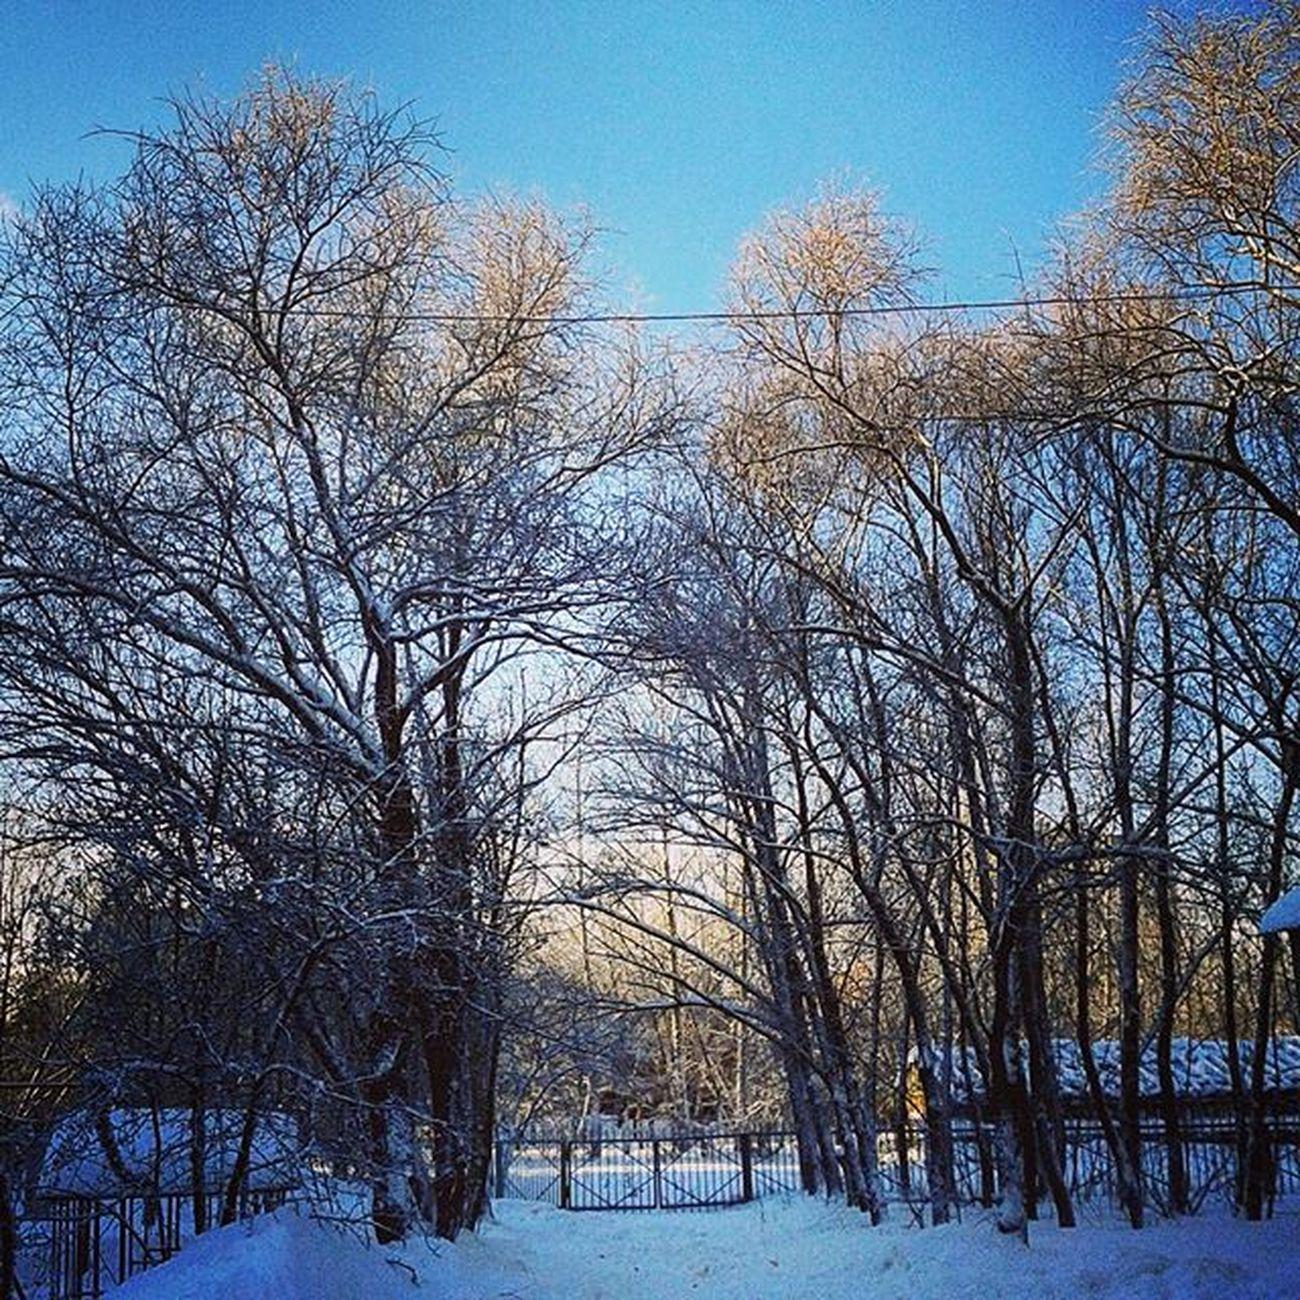 омск сибирь январь зима новыйгод рождество синяявечность Omsk Siberia January Winter NewYear Christmas